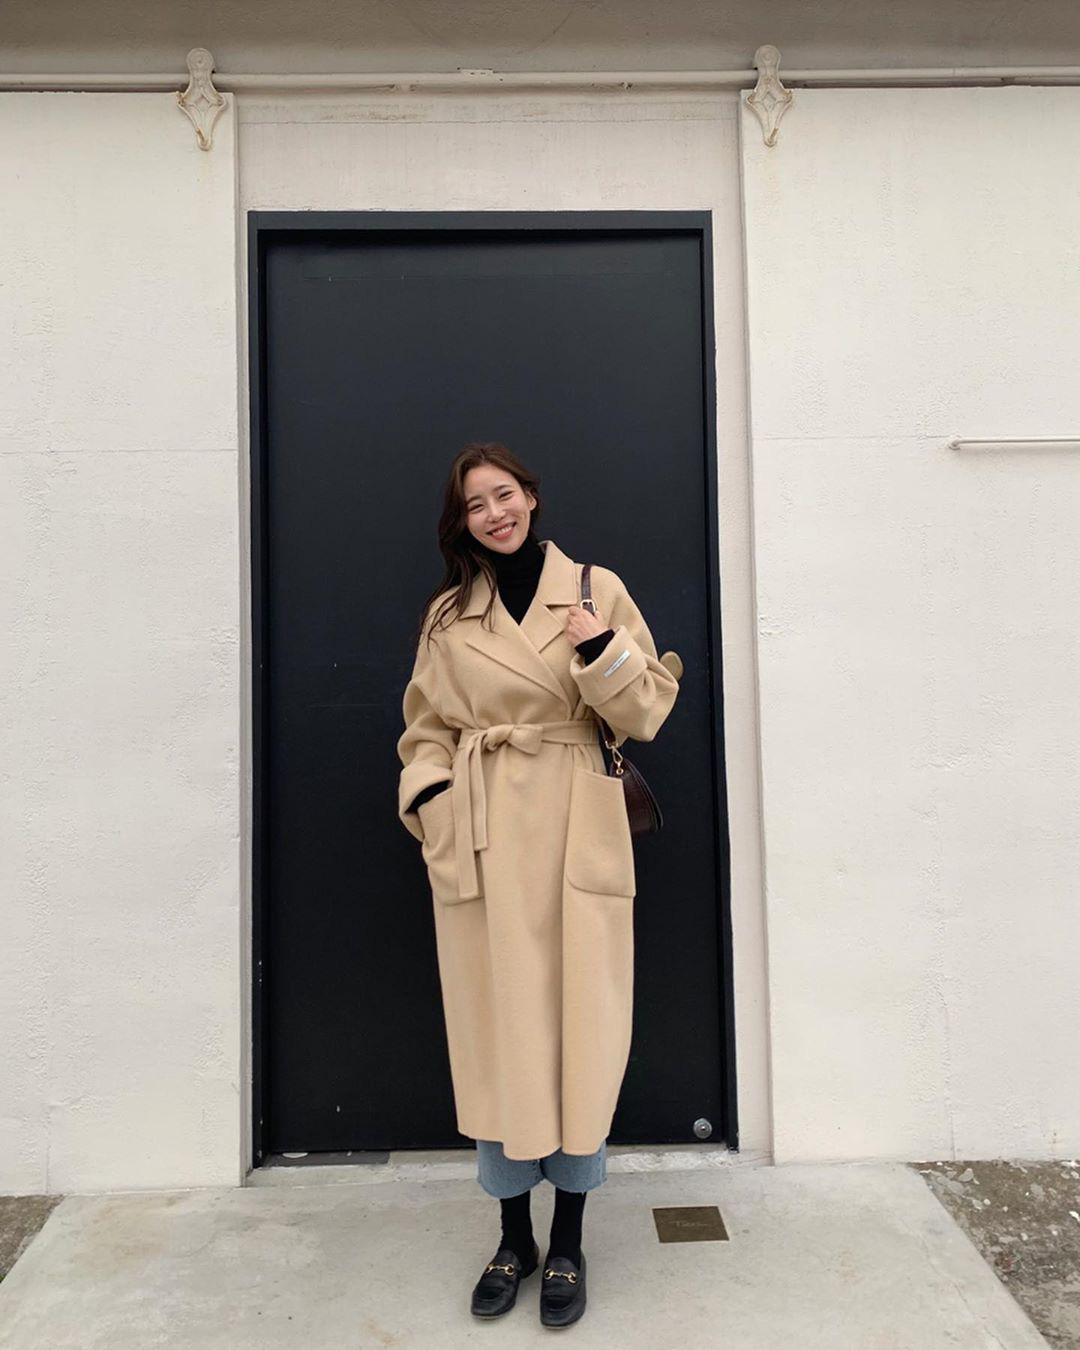 Trời chuyển lạnh, chị em cần trau dồi ngay 4 tips diện áo khoác giúp vóc dáng như gầy đi vài kilogram - Hình 7